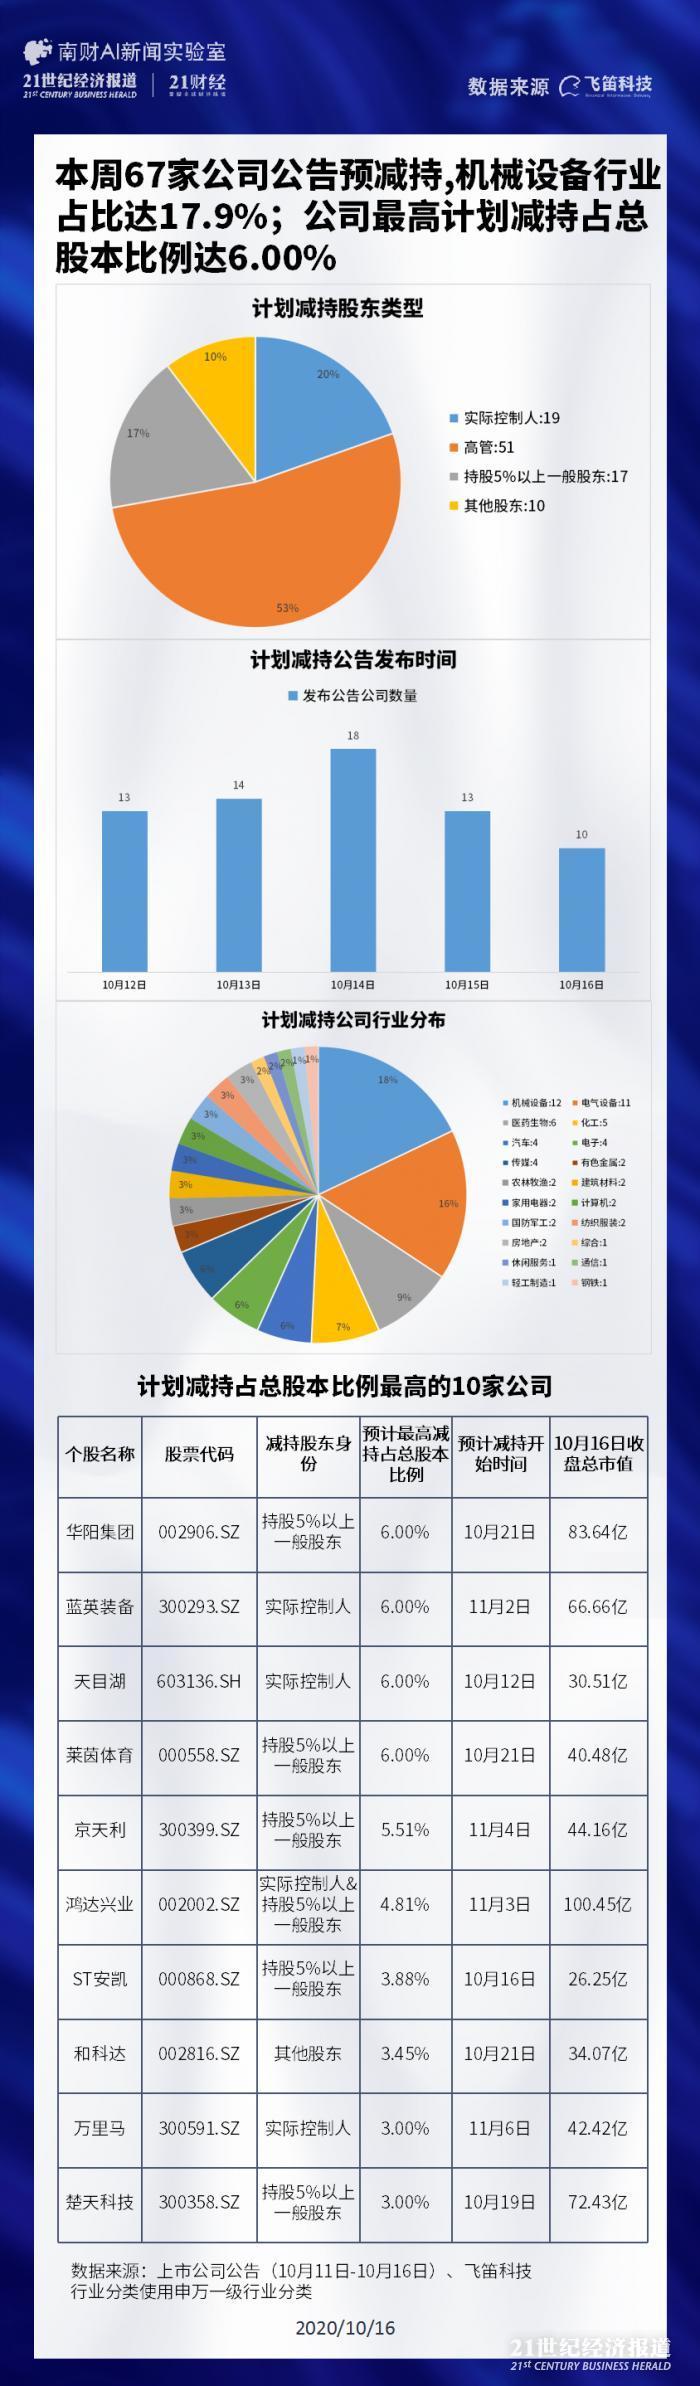 """本周67家上市公司预减持 华阳集团遭""""抄底王""""中科招商连续减持"""